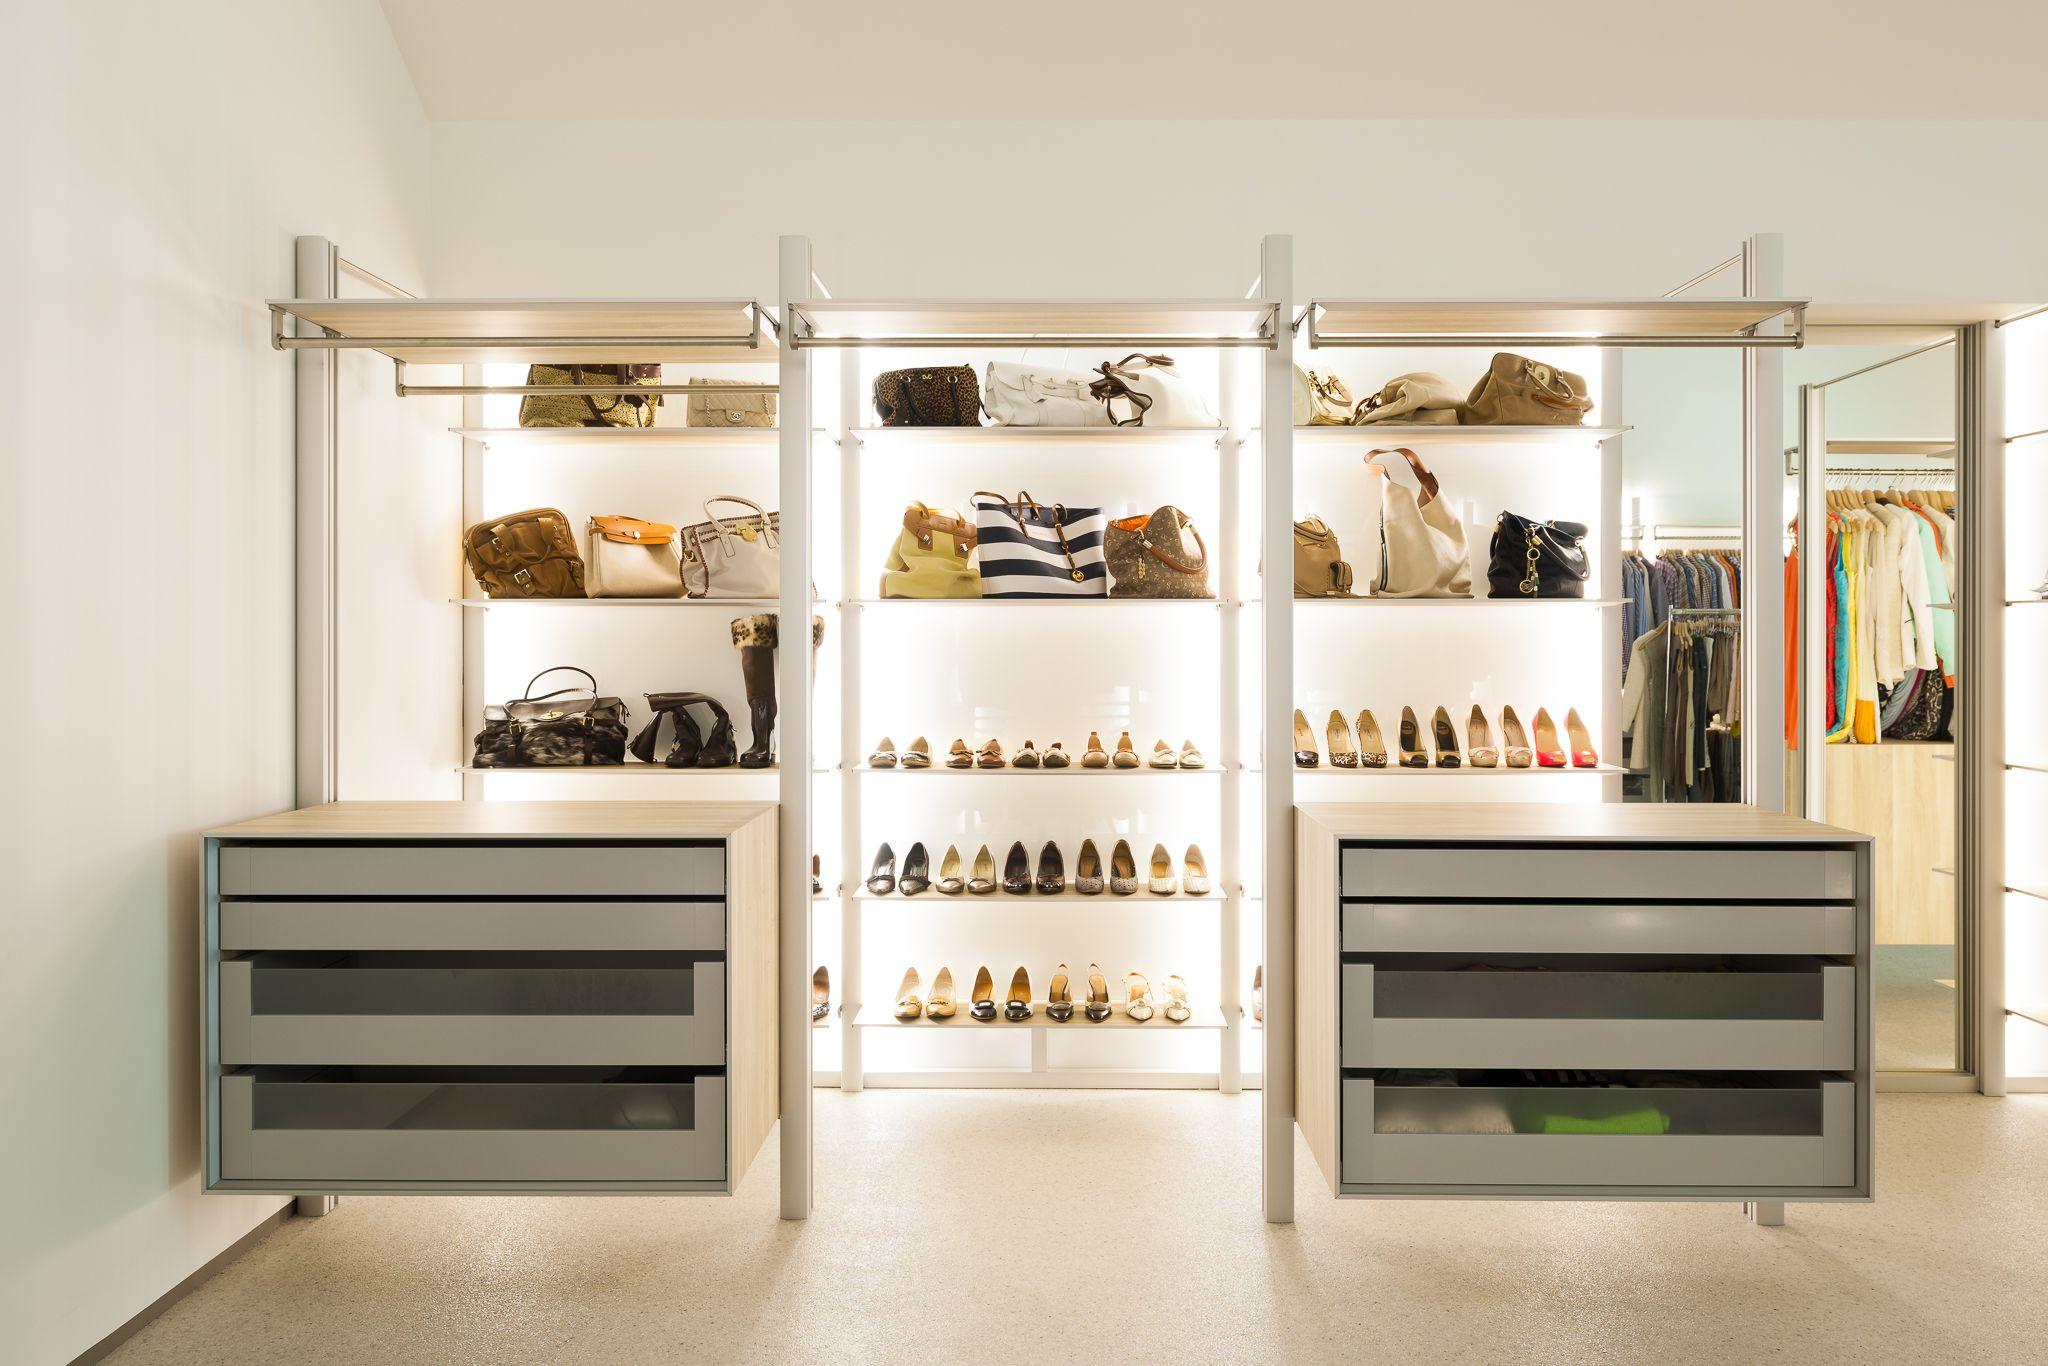 Open dressing met led verlichting en glas - Inloopkasten | Pinterest ...